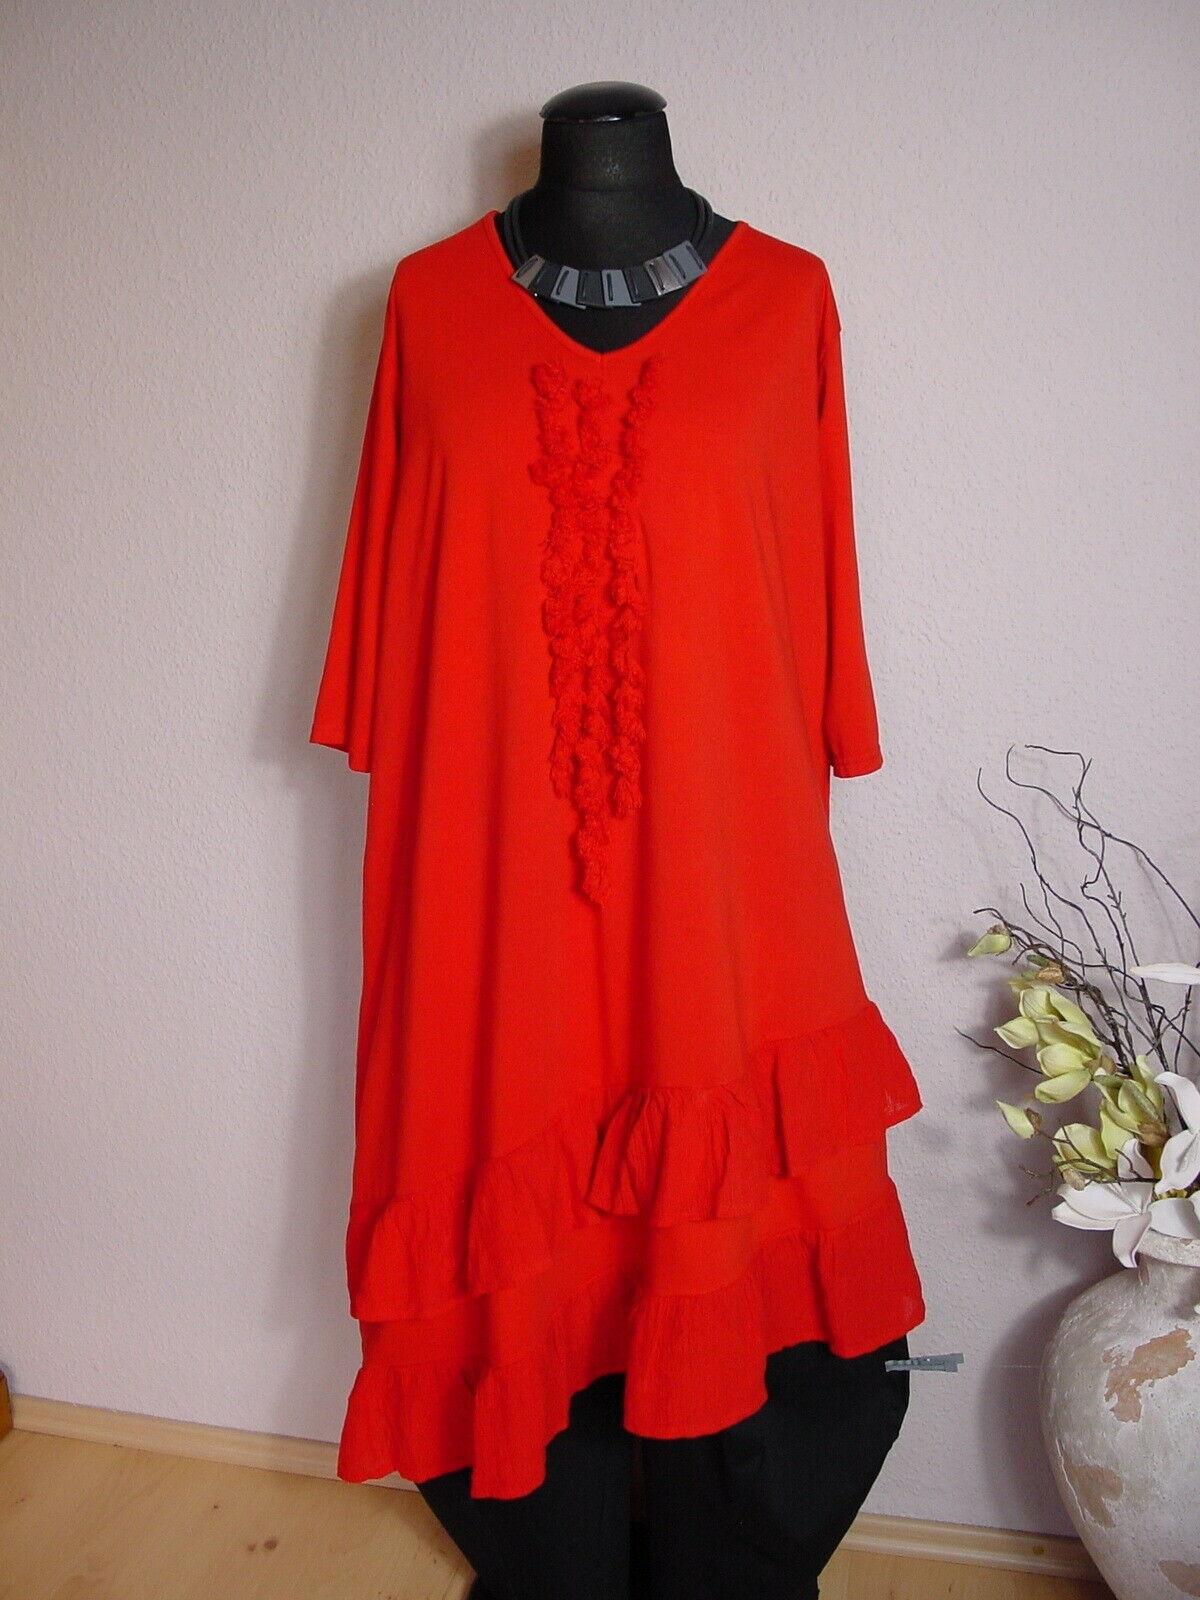 Moonshine Fashion° Fashion° Fashion° Asymetrisches Lagenlook Shirtkleid Tunika  Rot  2   3 | Ästhetisches Aussehen  | München  | Zart  c27b6c